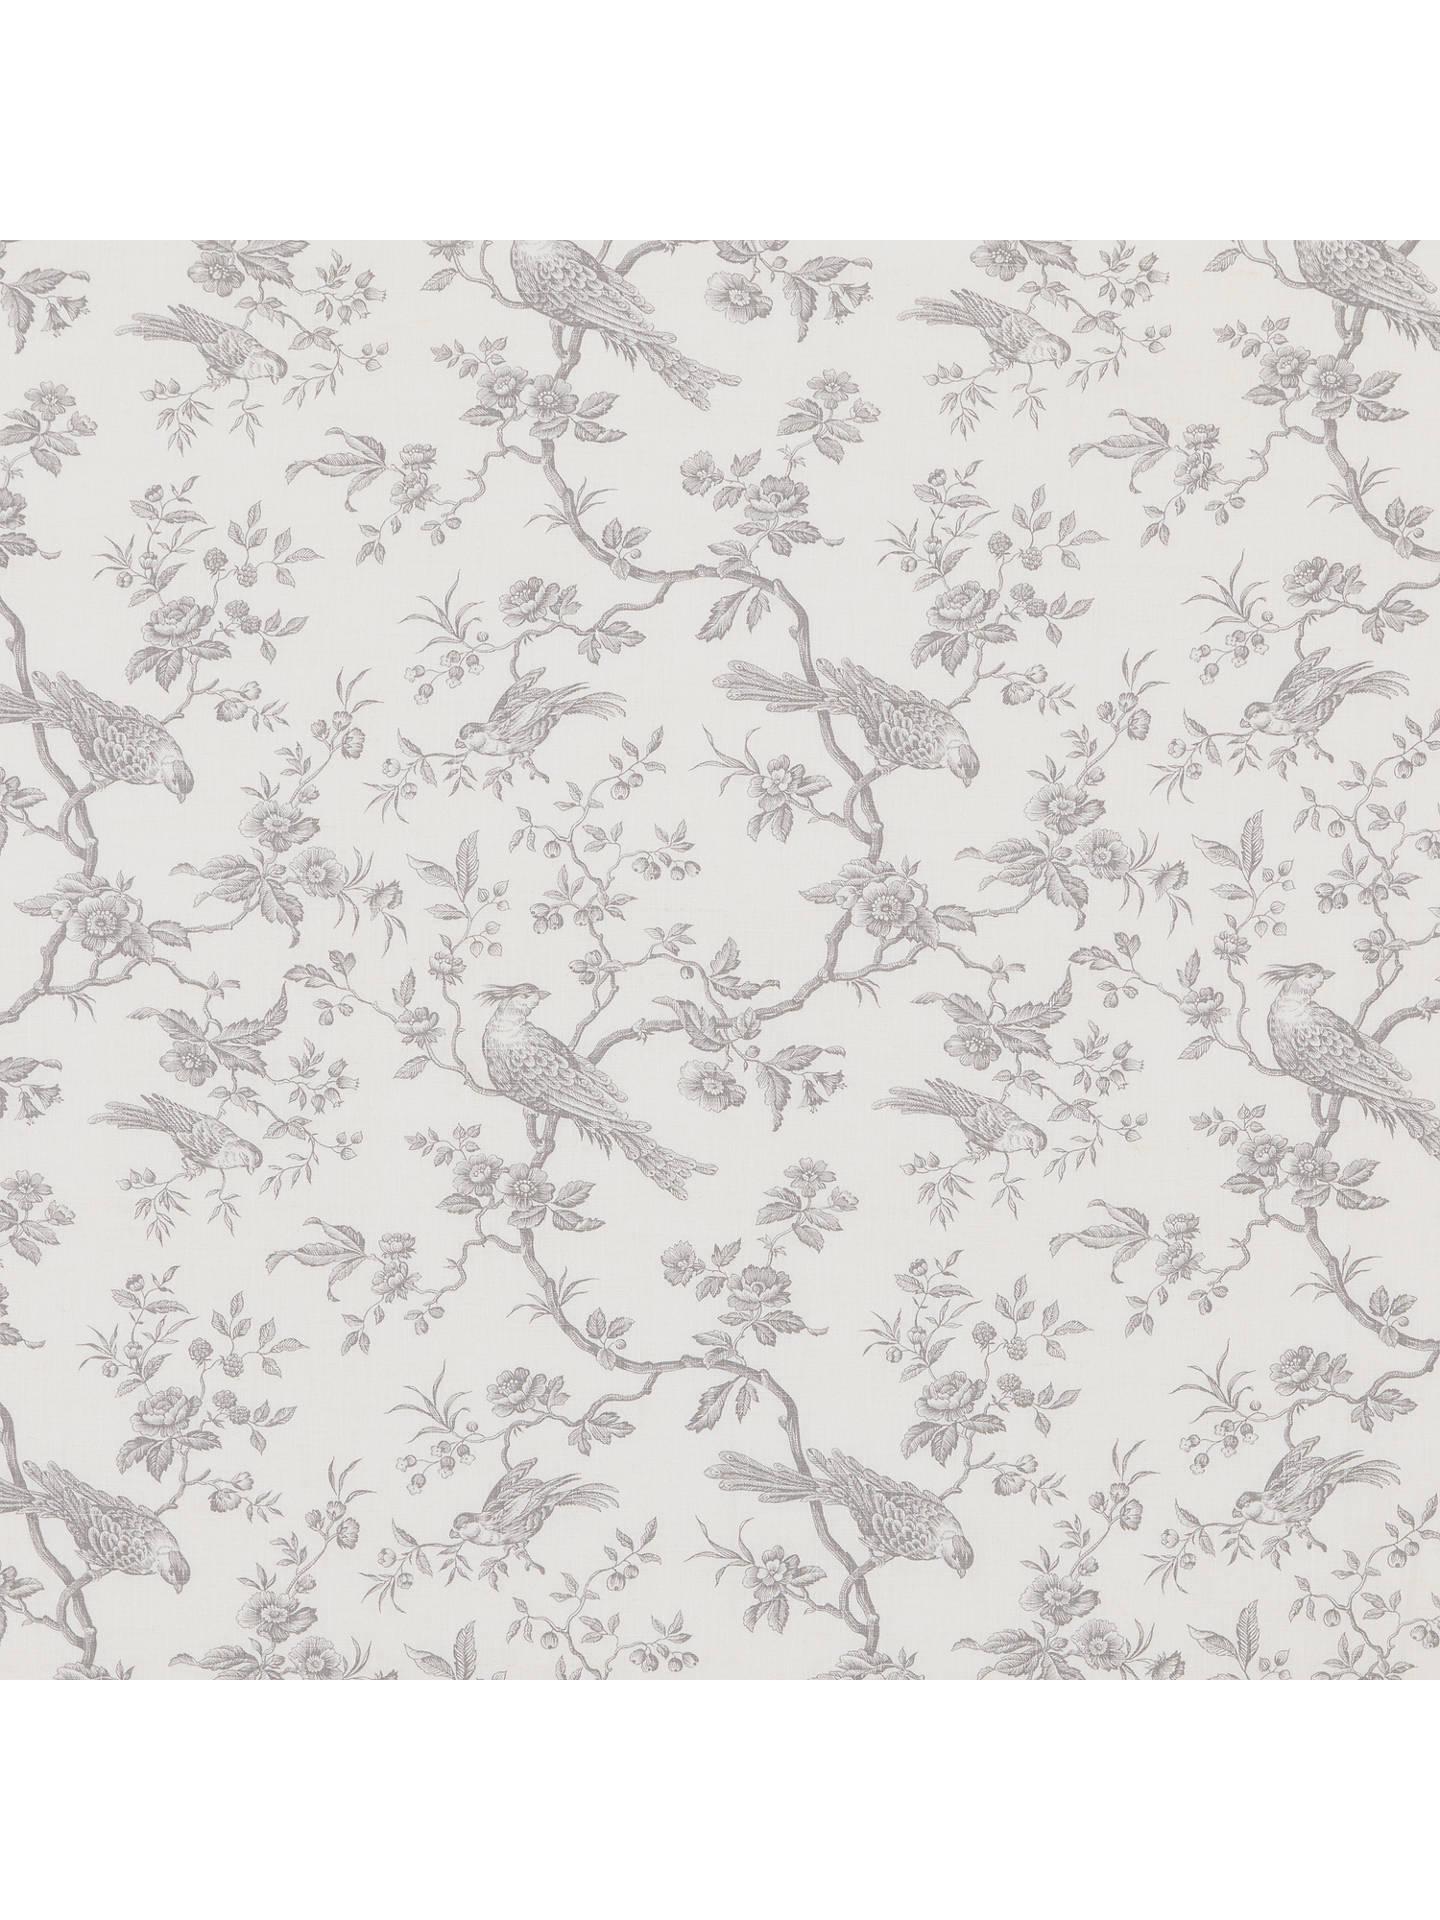 John Lewis Partners Botanica Bird Furnishing Fabric French Grey Online At Johnlewis